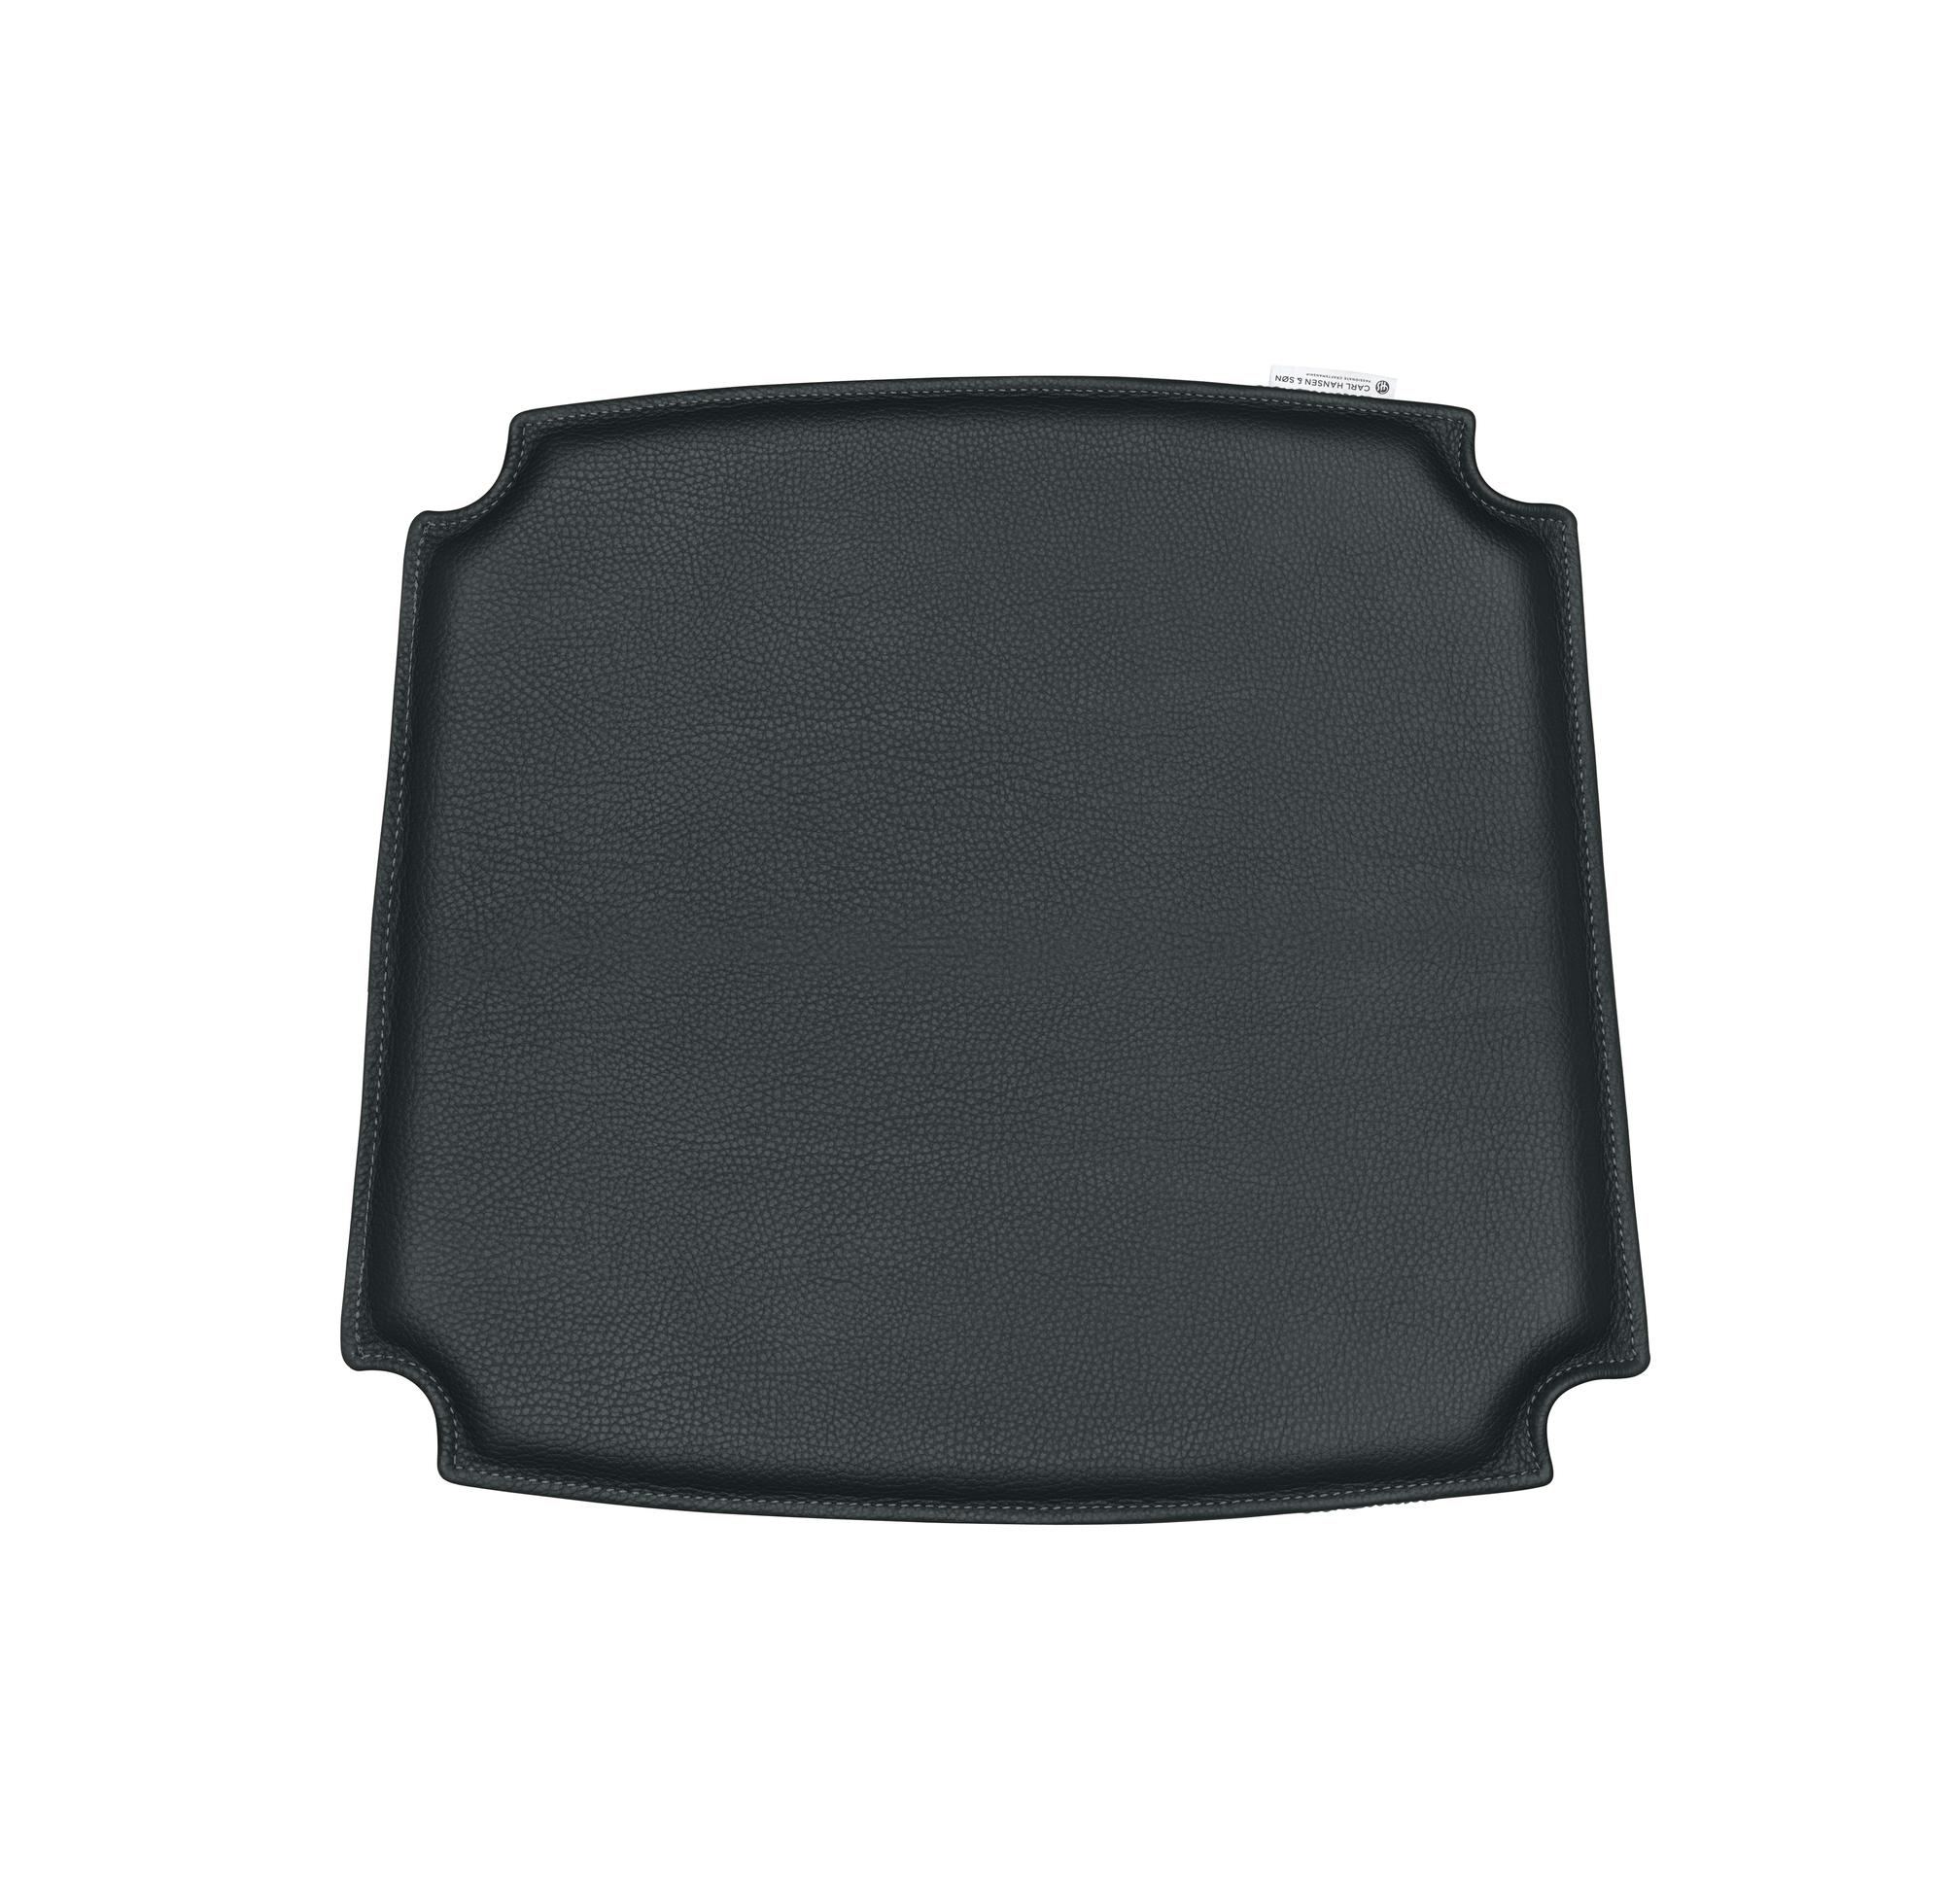 Seat cushion for CH24 Wishbone Chair Carl Hansen